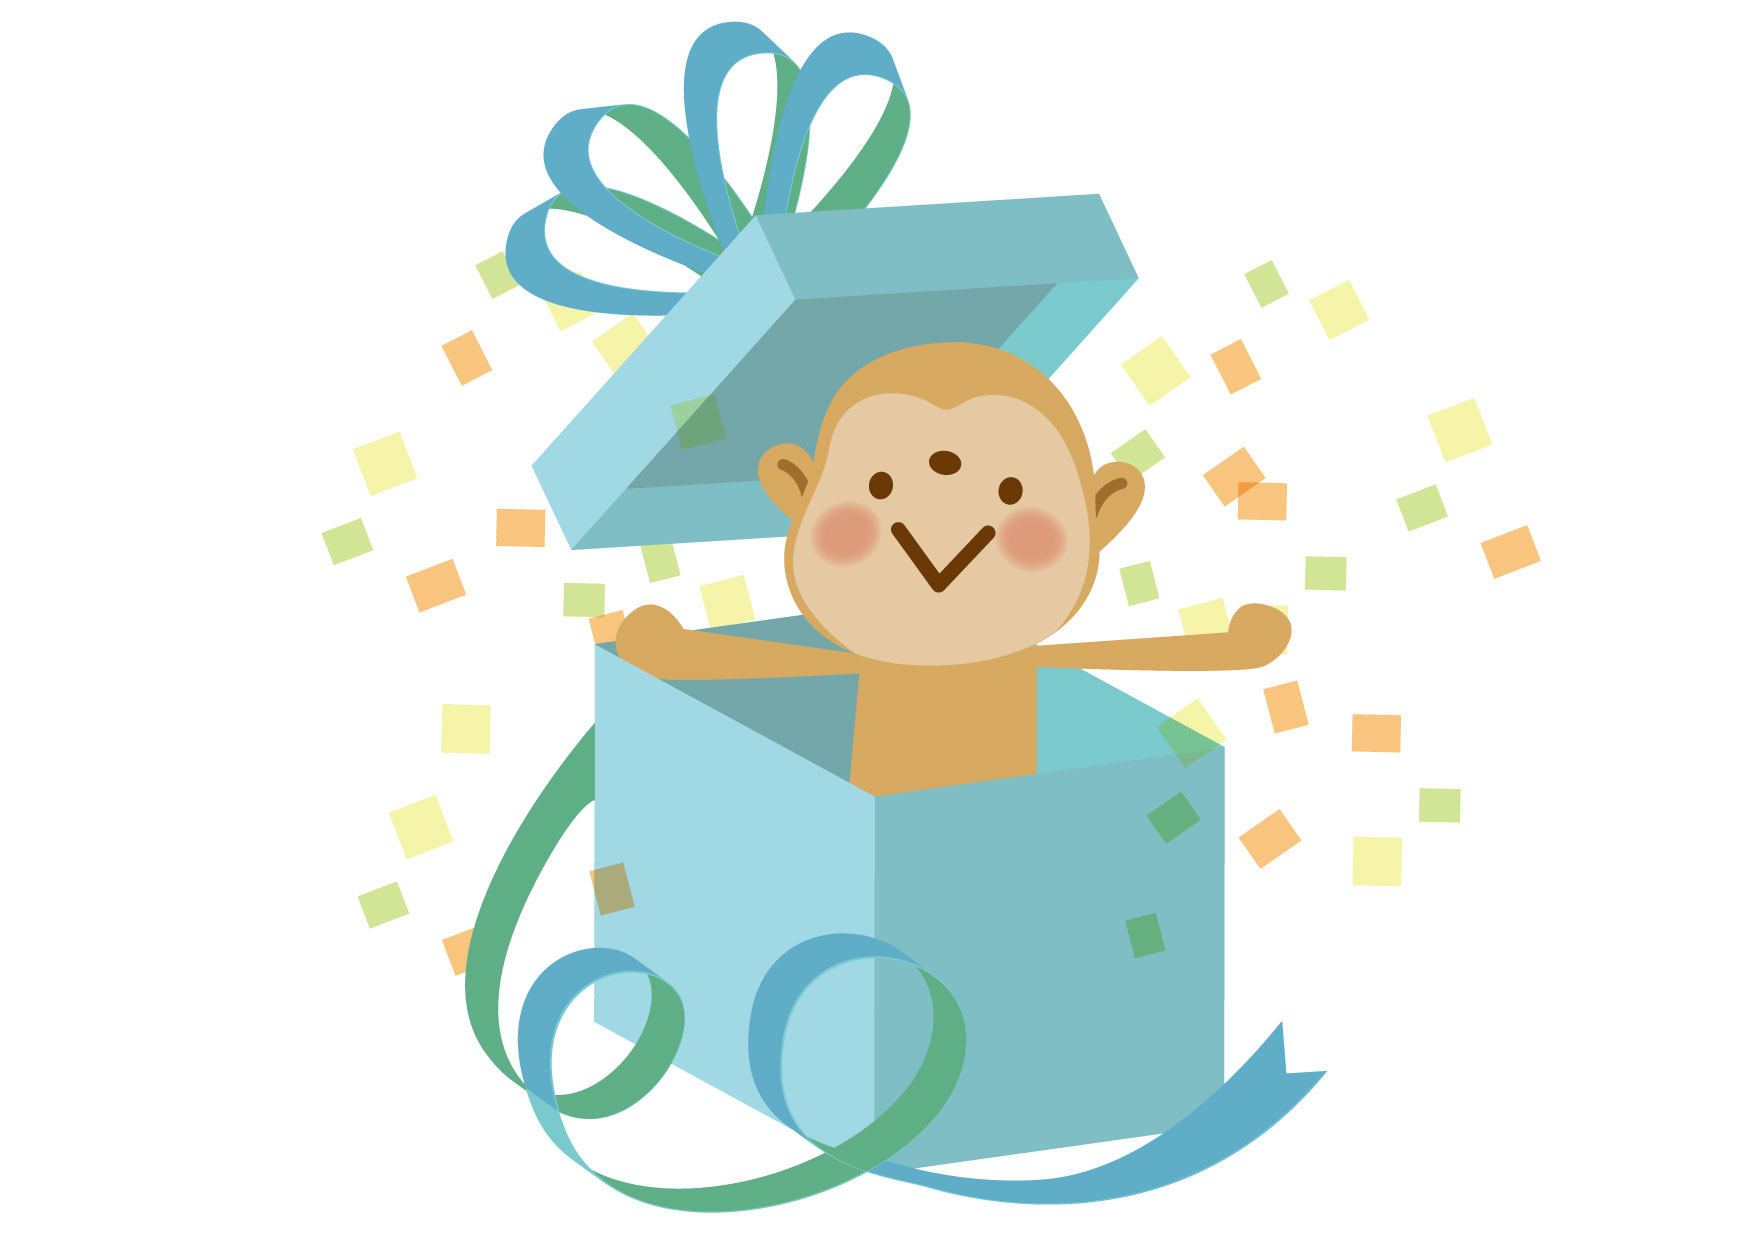 可愛いイラスト無料|さる サプライズ プレゼント リボン ブルー − free illustration Monkey Surprise Present Ribbon Blue